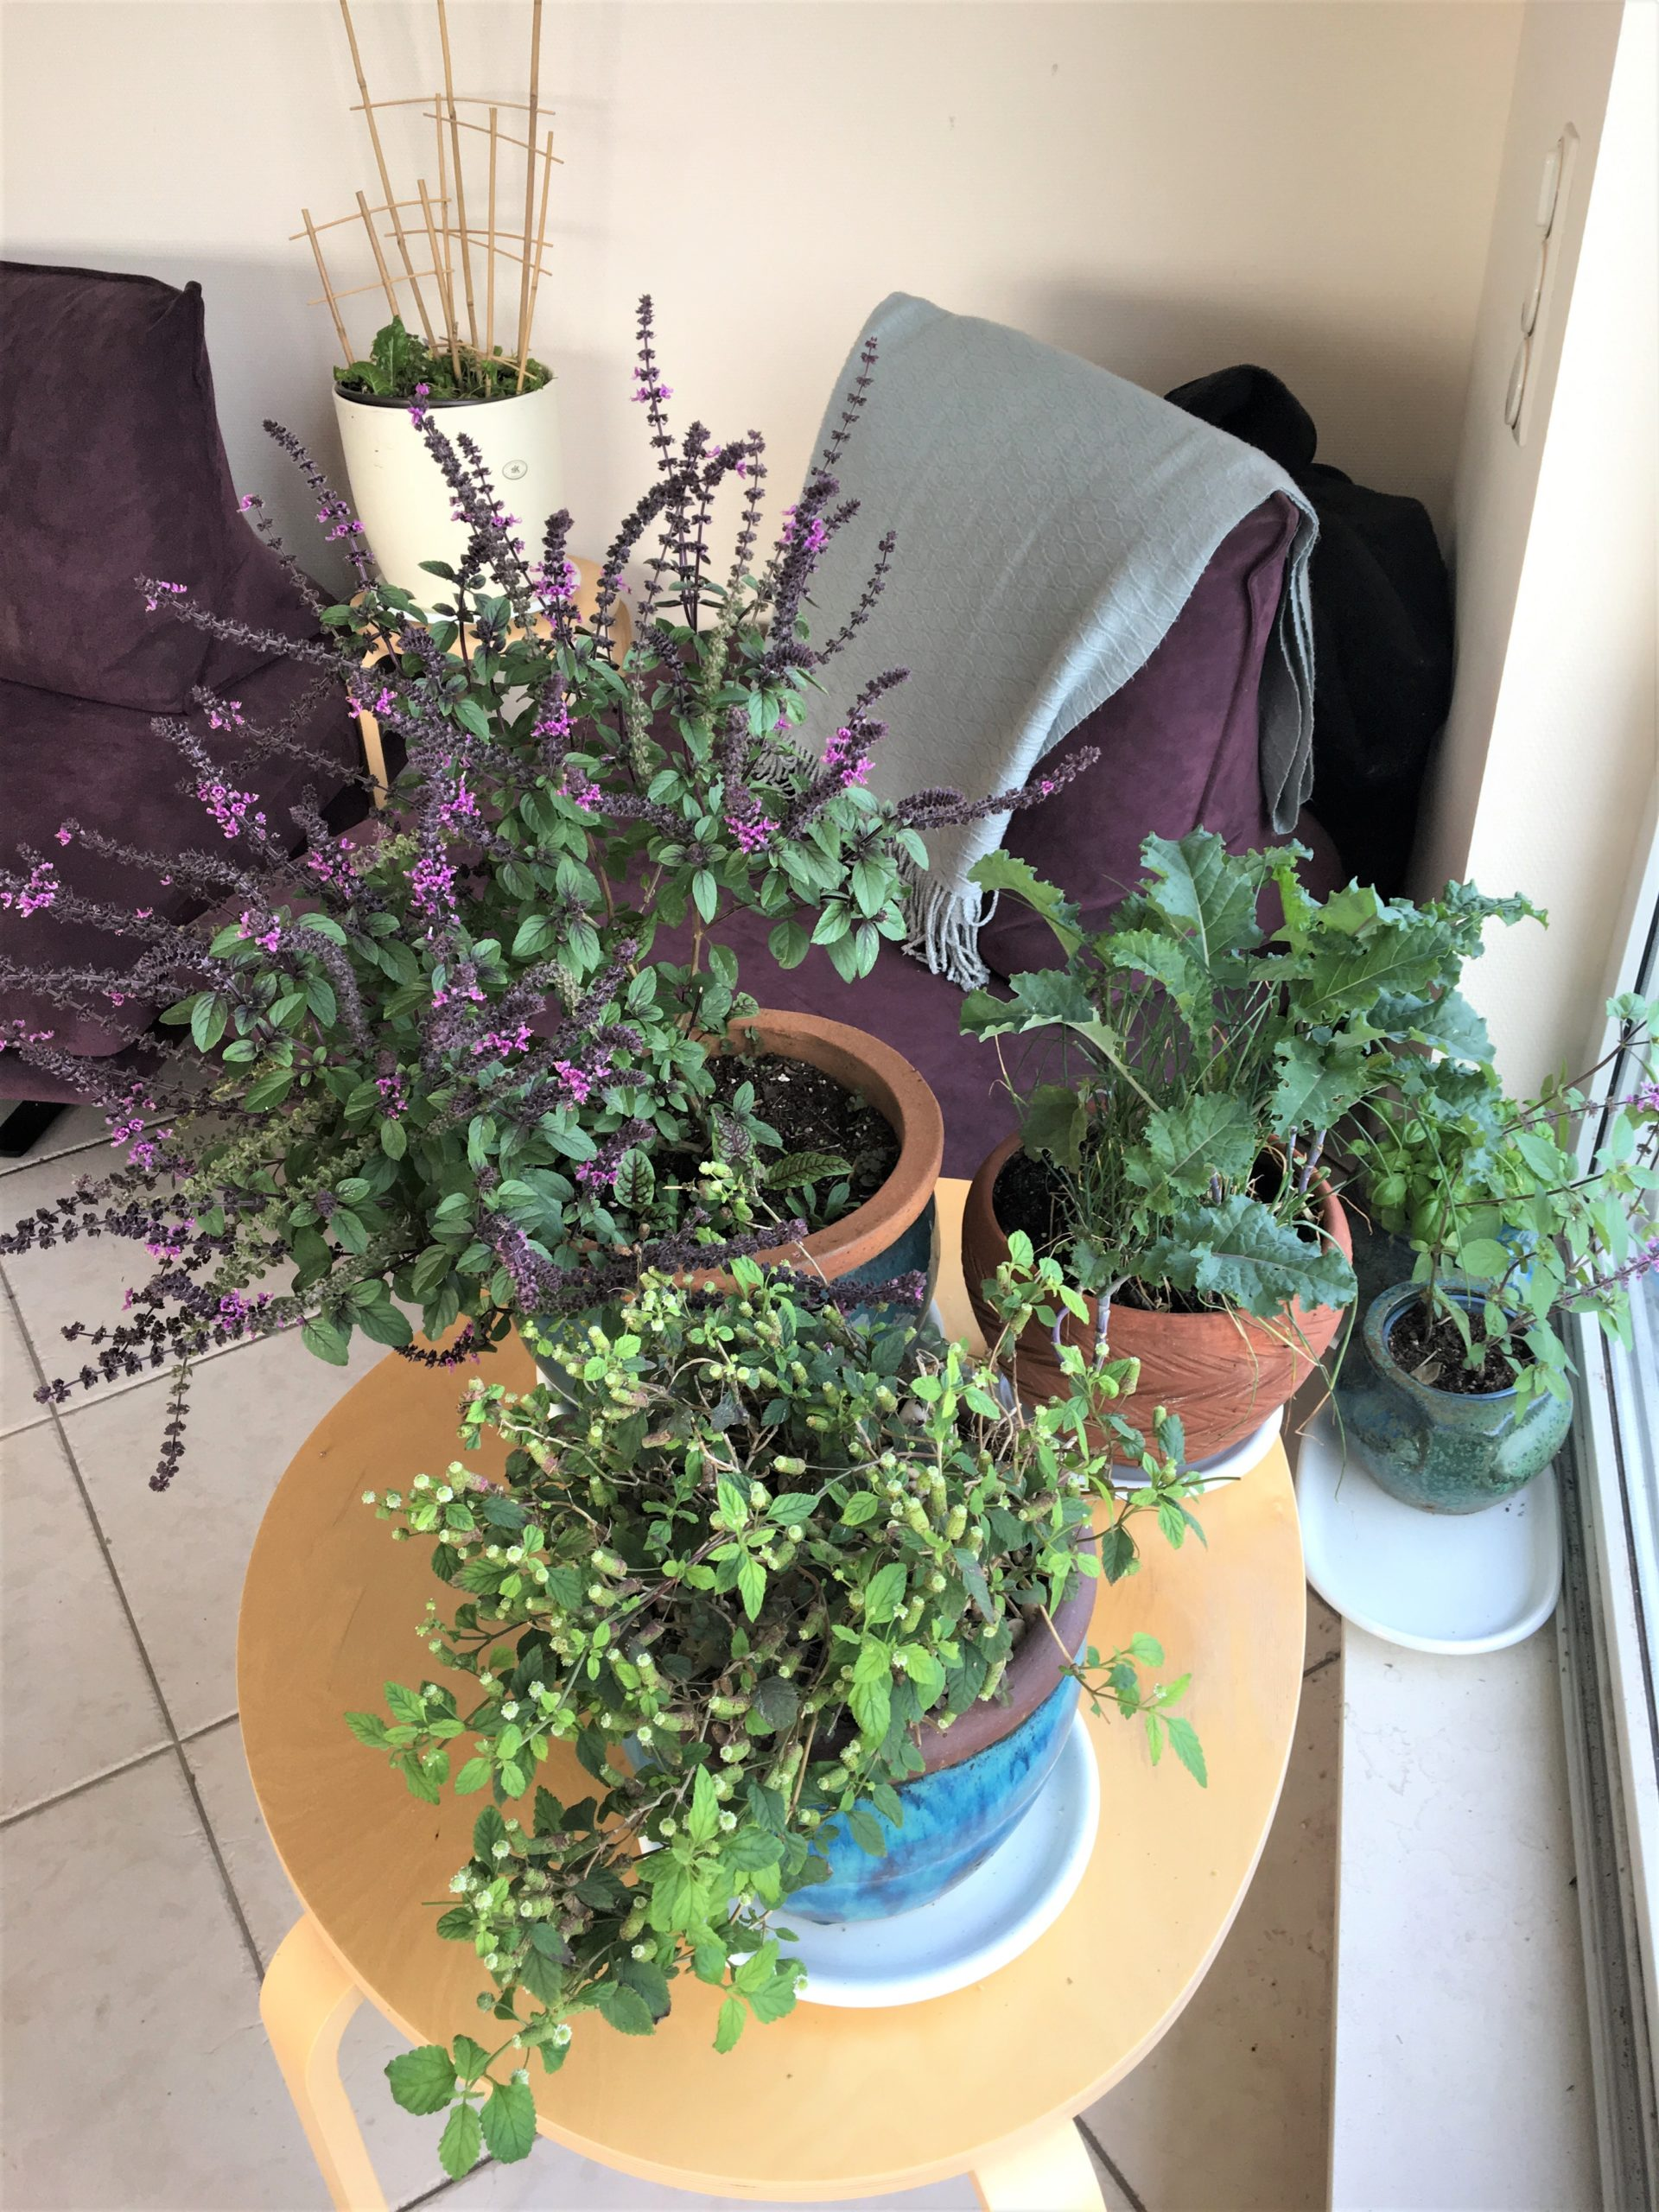 Wohnzimmergarten: Strauchbasilikum, Kohl, Schnittlauch, Unsterblichkeitskraut, Suesskraut und Mangold